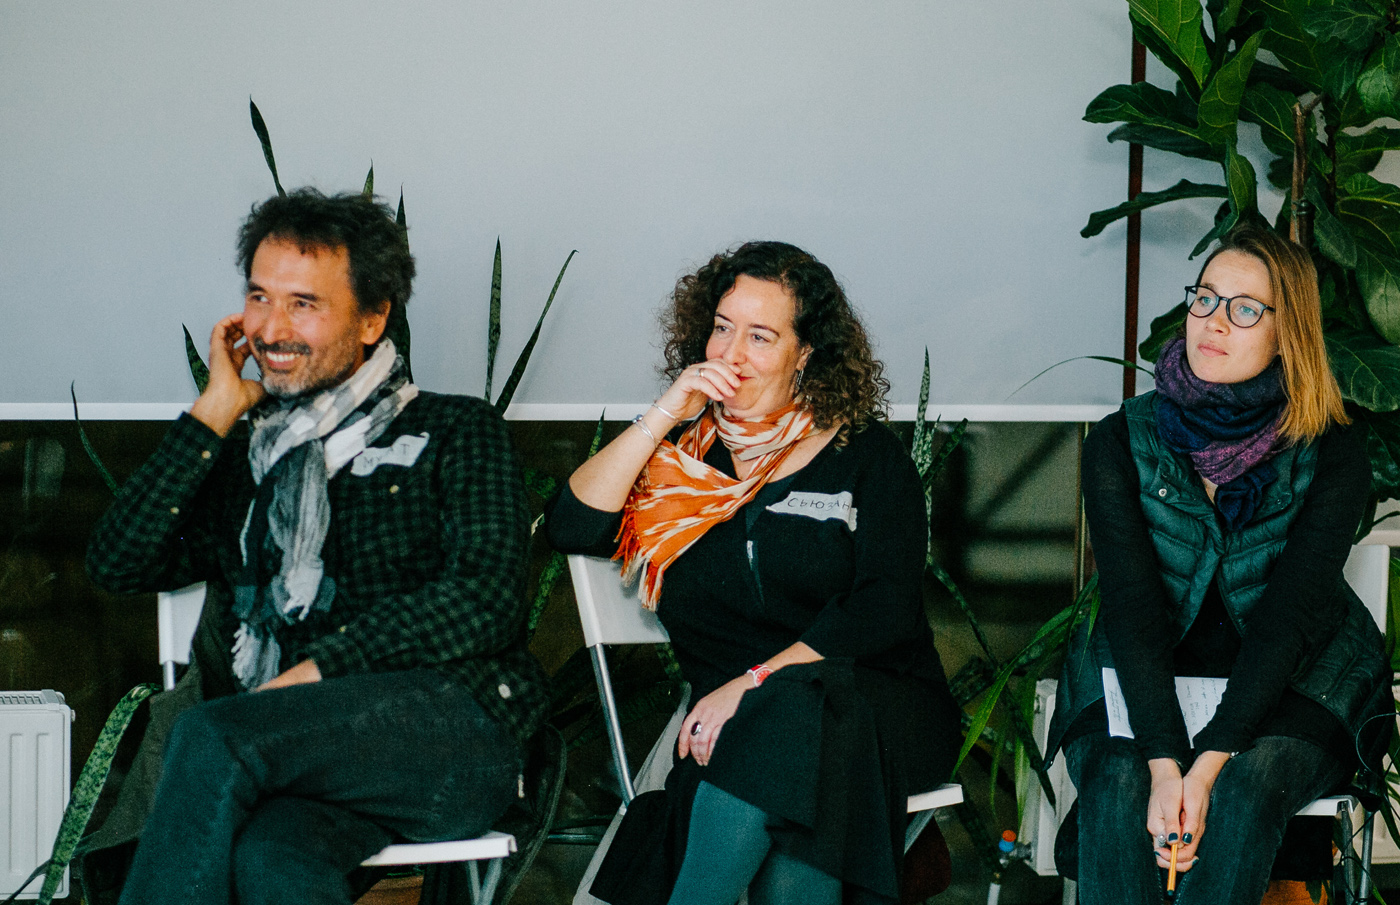 Влияние искусства на локальные сообщества. Итоги дискуссии в рамках Интенсива Арт Проспект